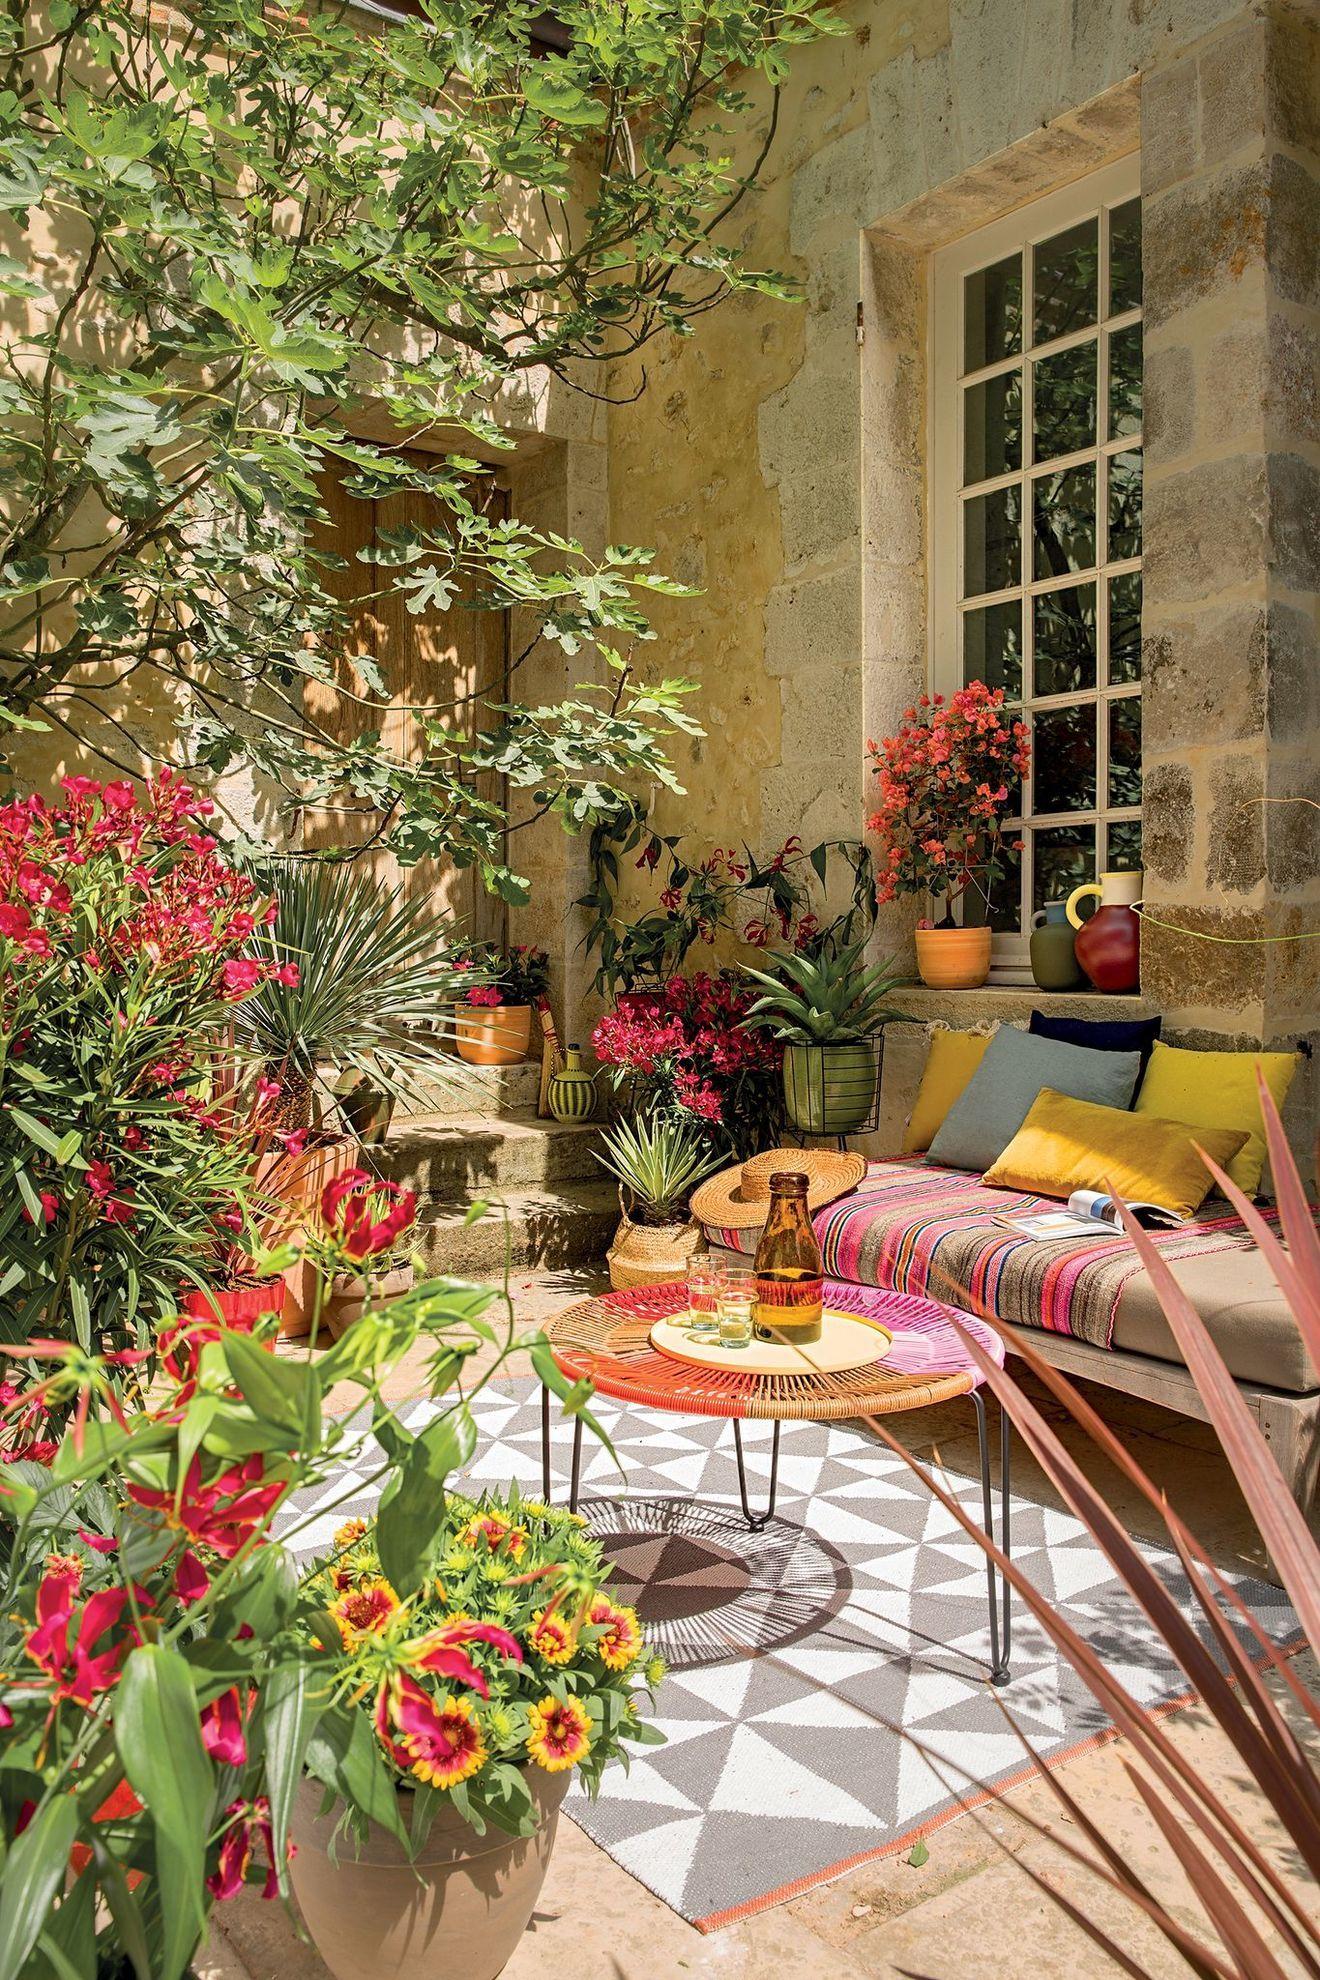 Deco Petite Terrasse Exterieur meuble petite terrasse, balcon : fauteuil, chaise et table d